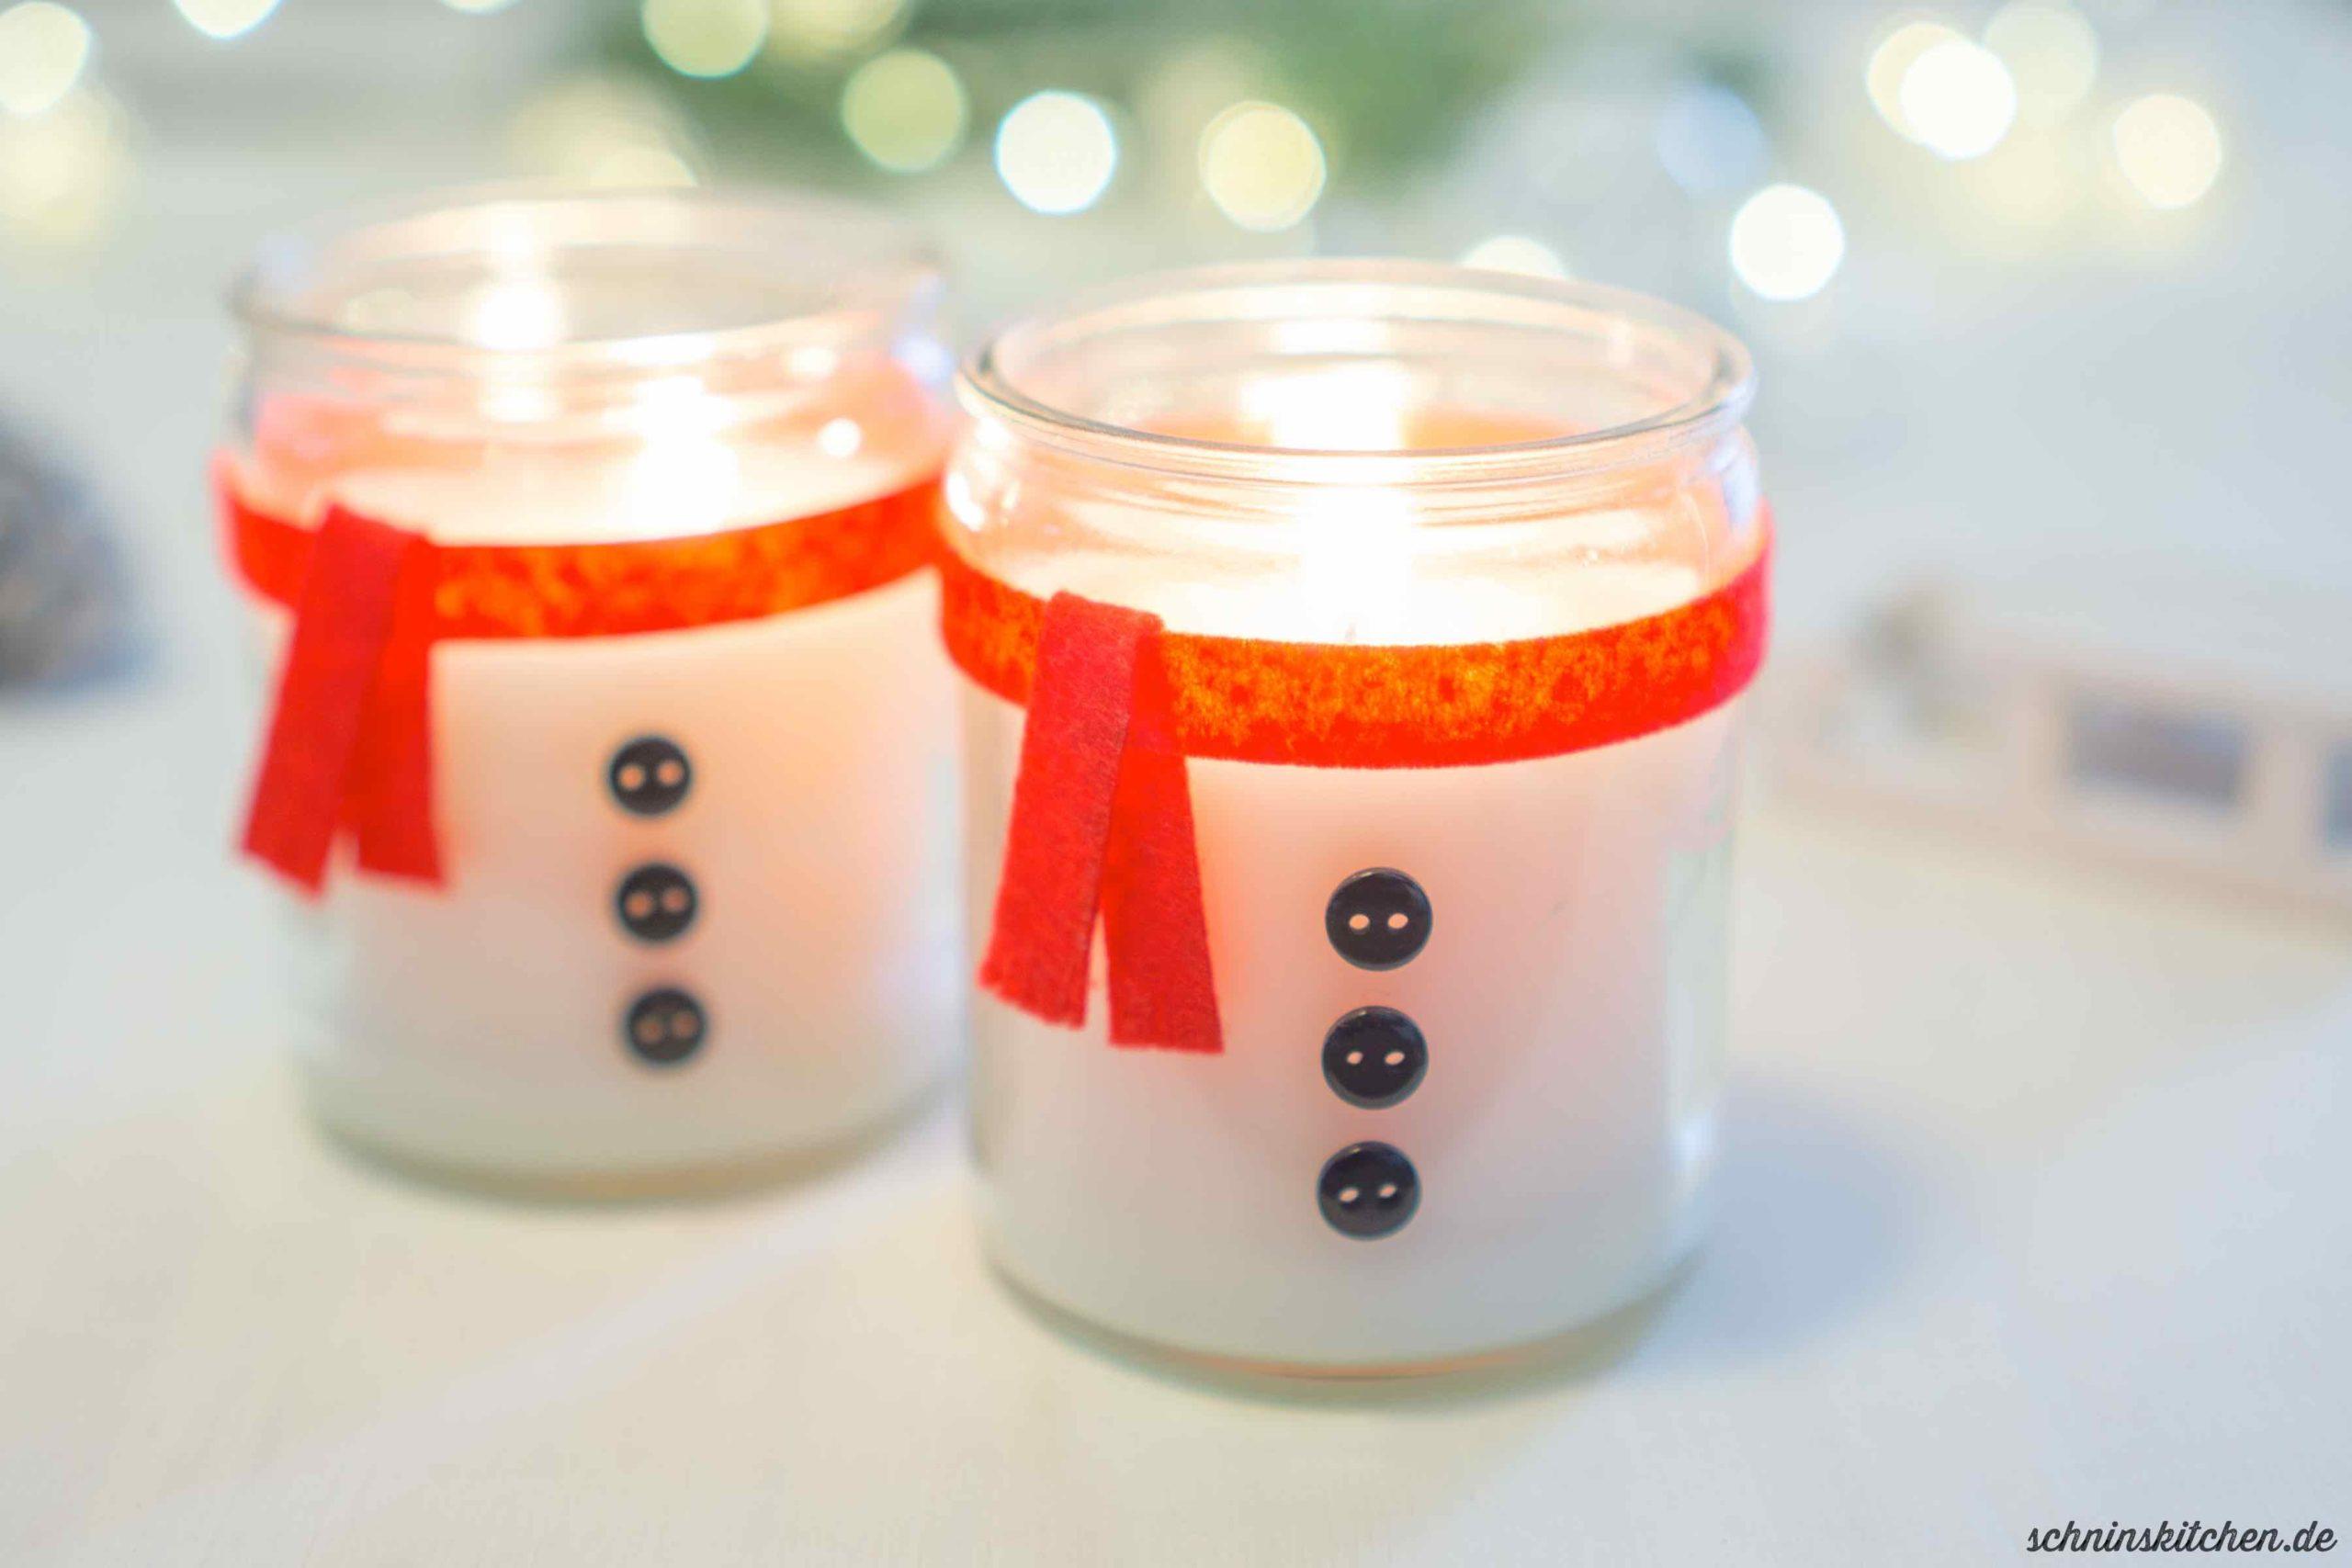 Schneemannkerze basteln: eine schnelle DIY Geschenkidee zu Weihnachten (optional mit Upcycling und Anleitung zum Kerzengießen) | www.schninskitchen.de